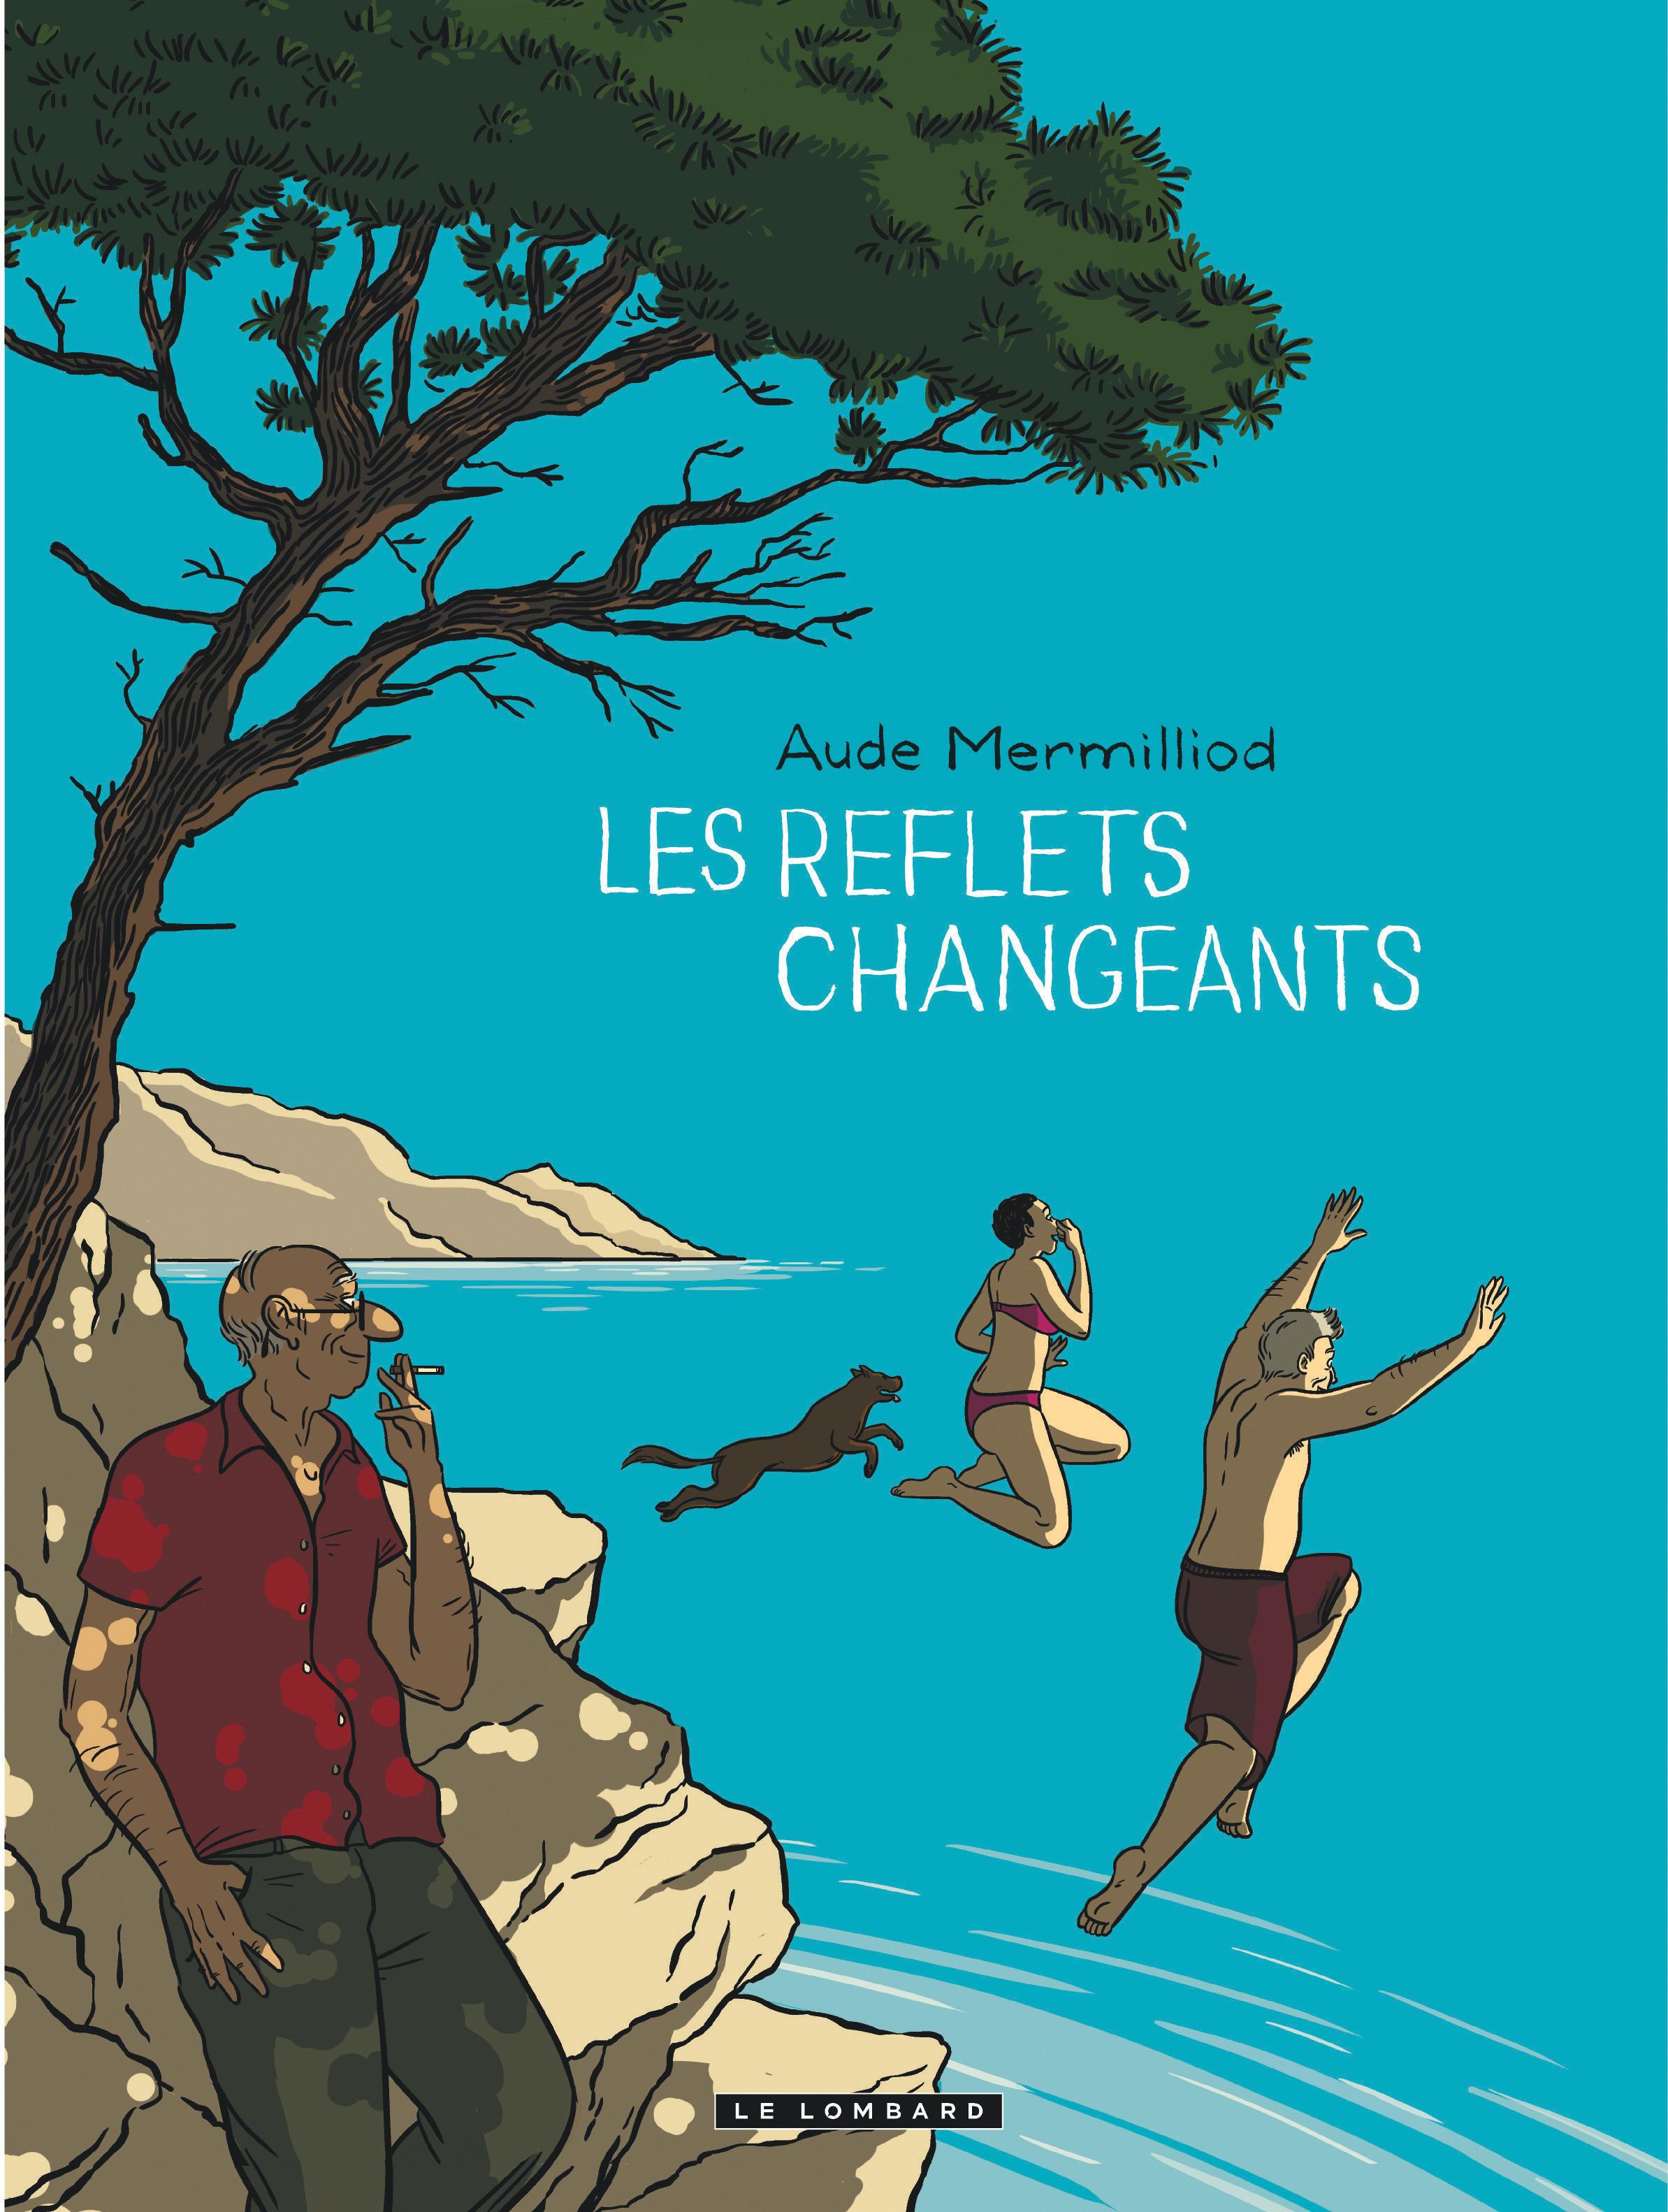 LES REFLETS CHANGEANTS LES REFLETS CHANGEANTS-ONE SHOT